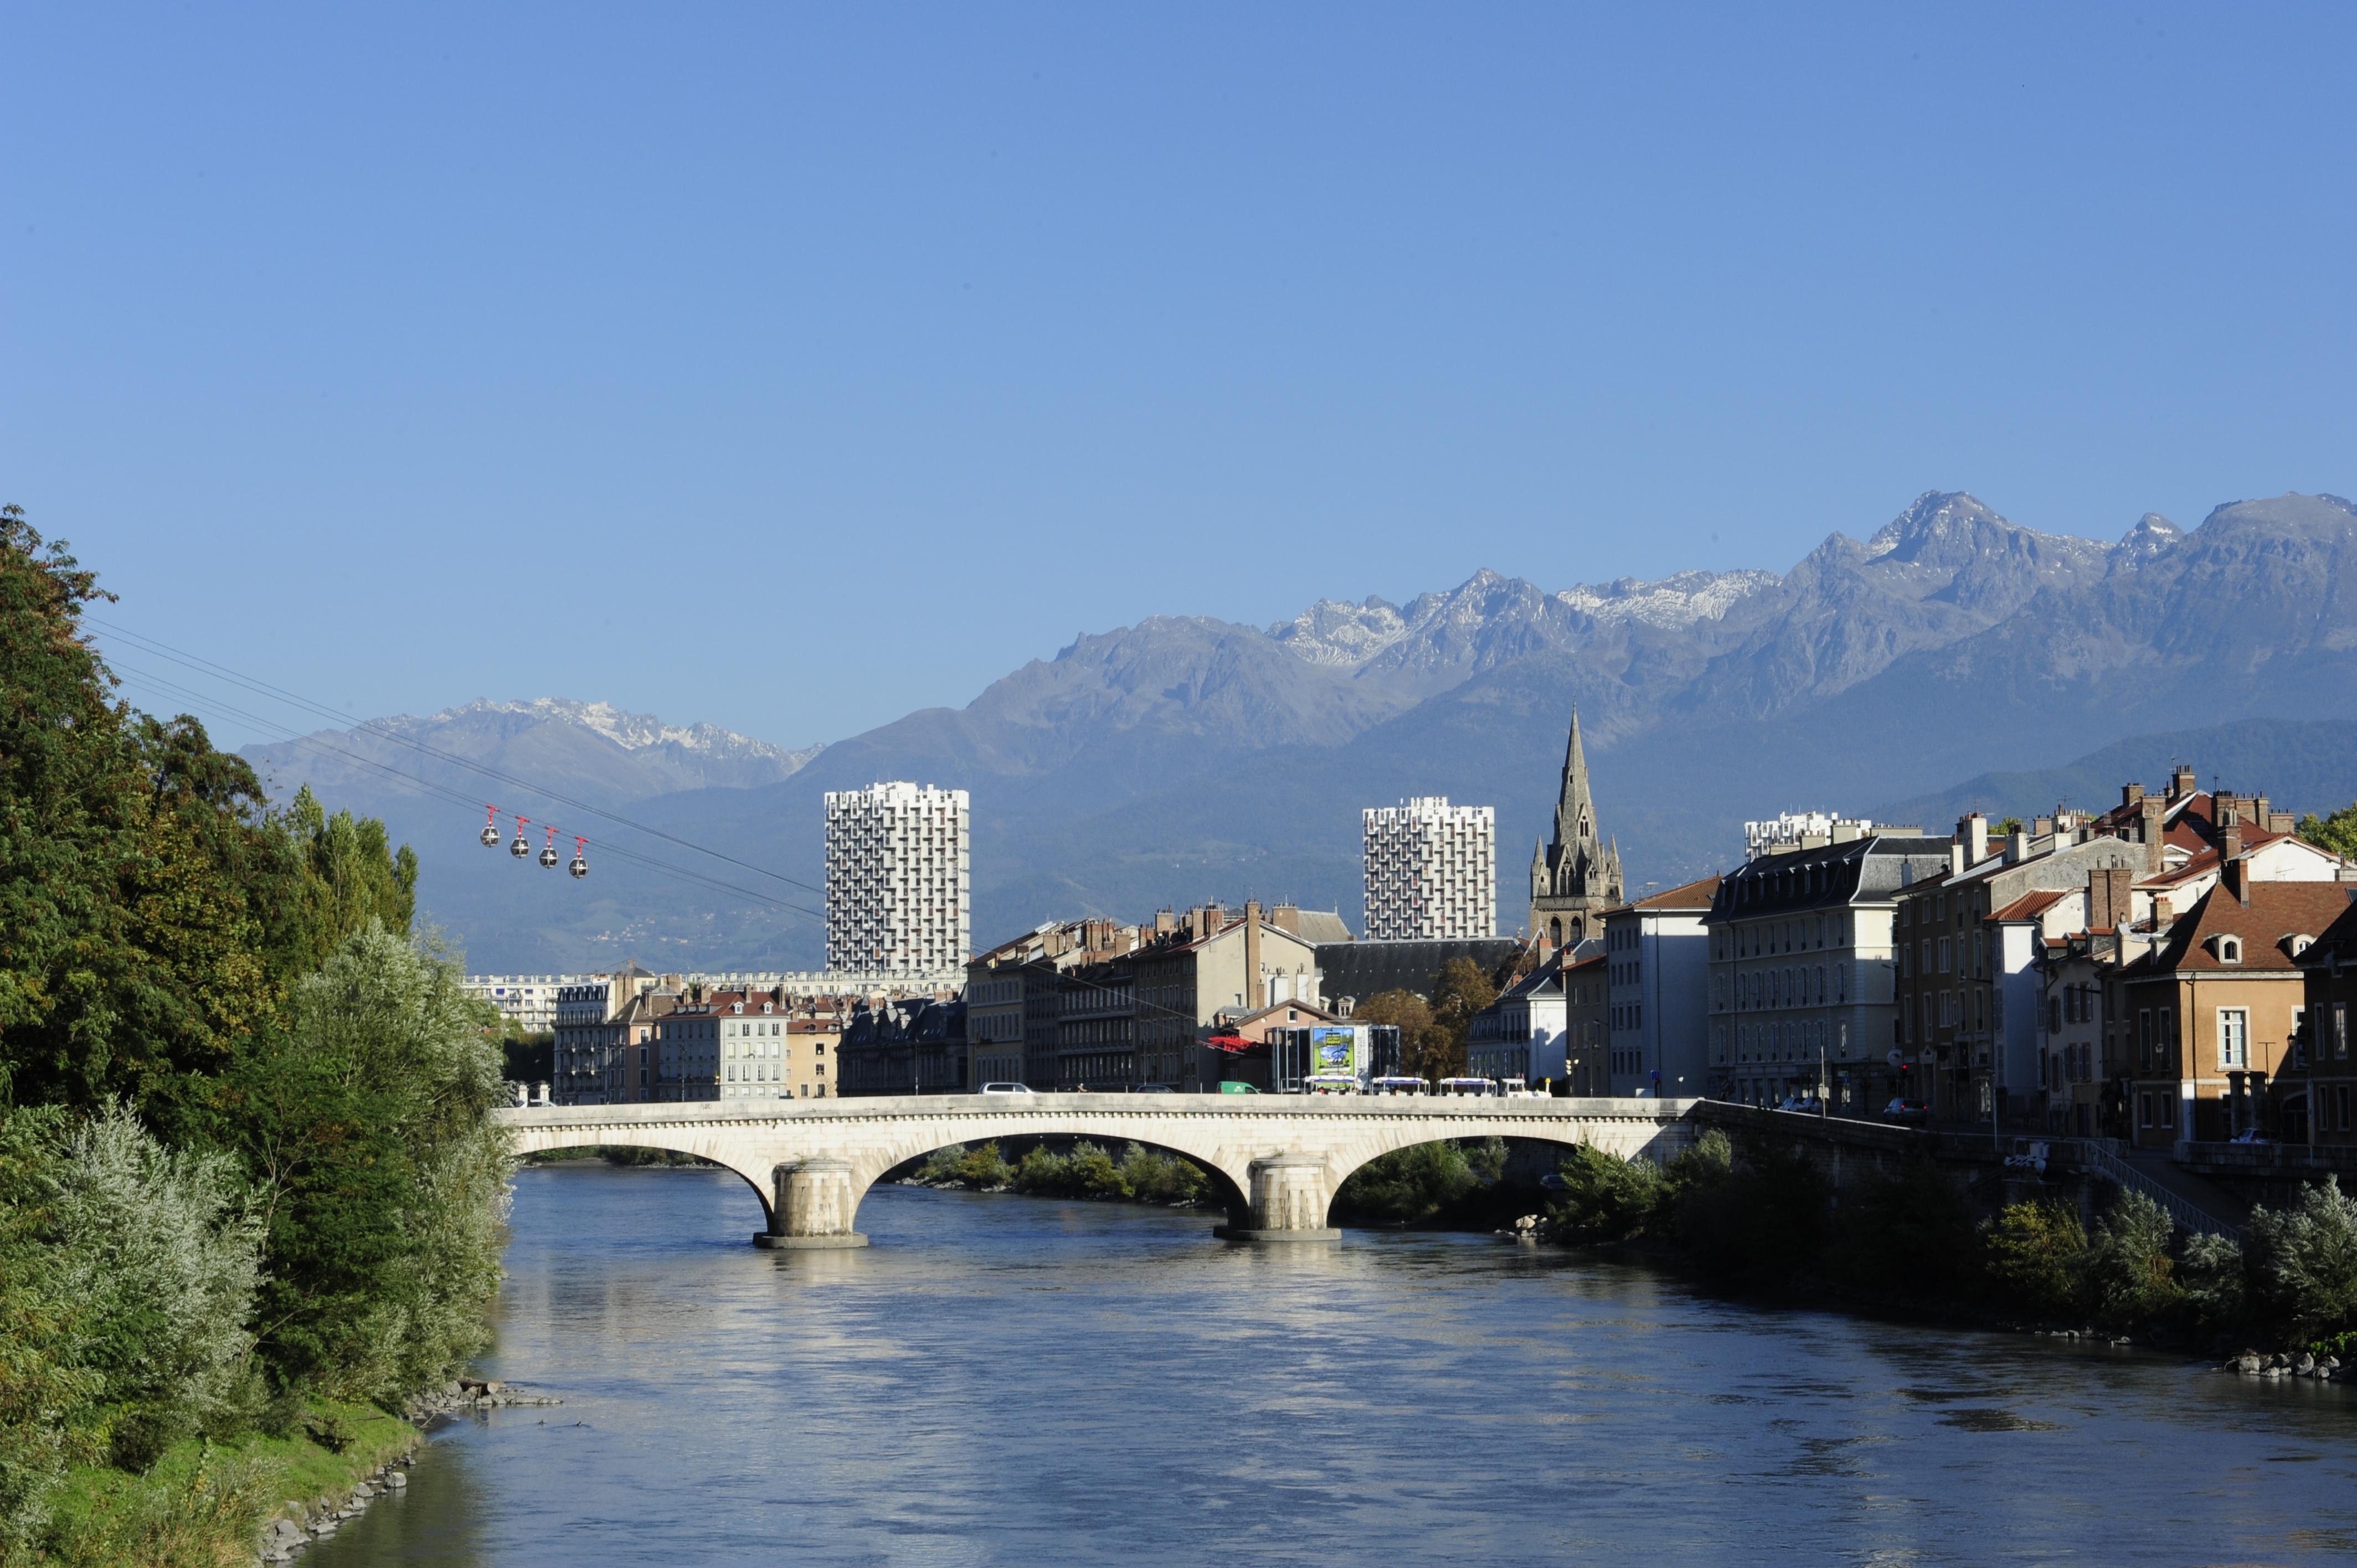 Foto: Fluß mit Brücke und Bergen